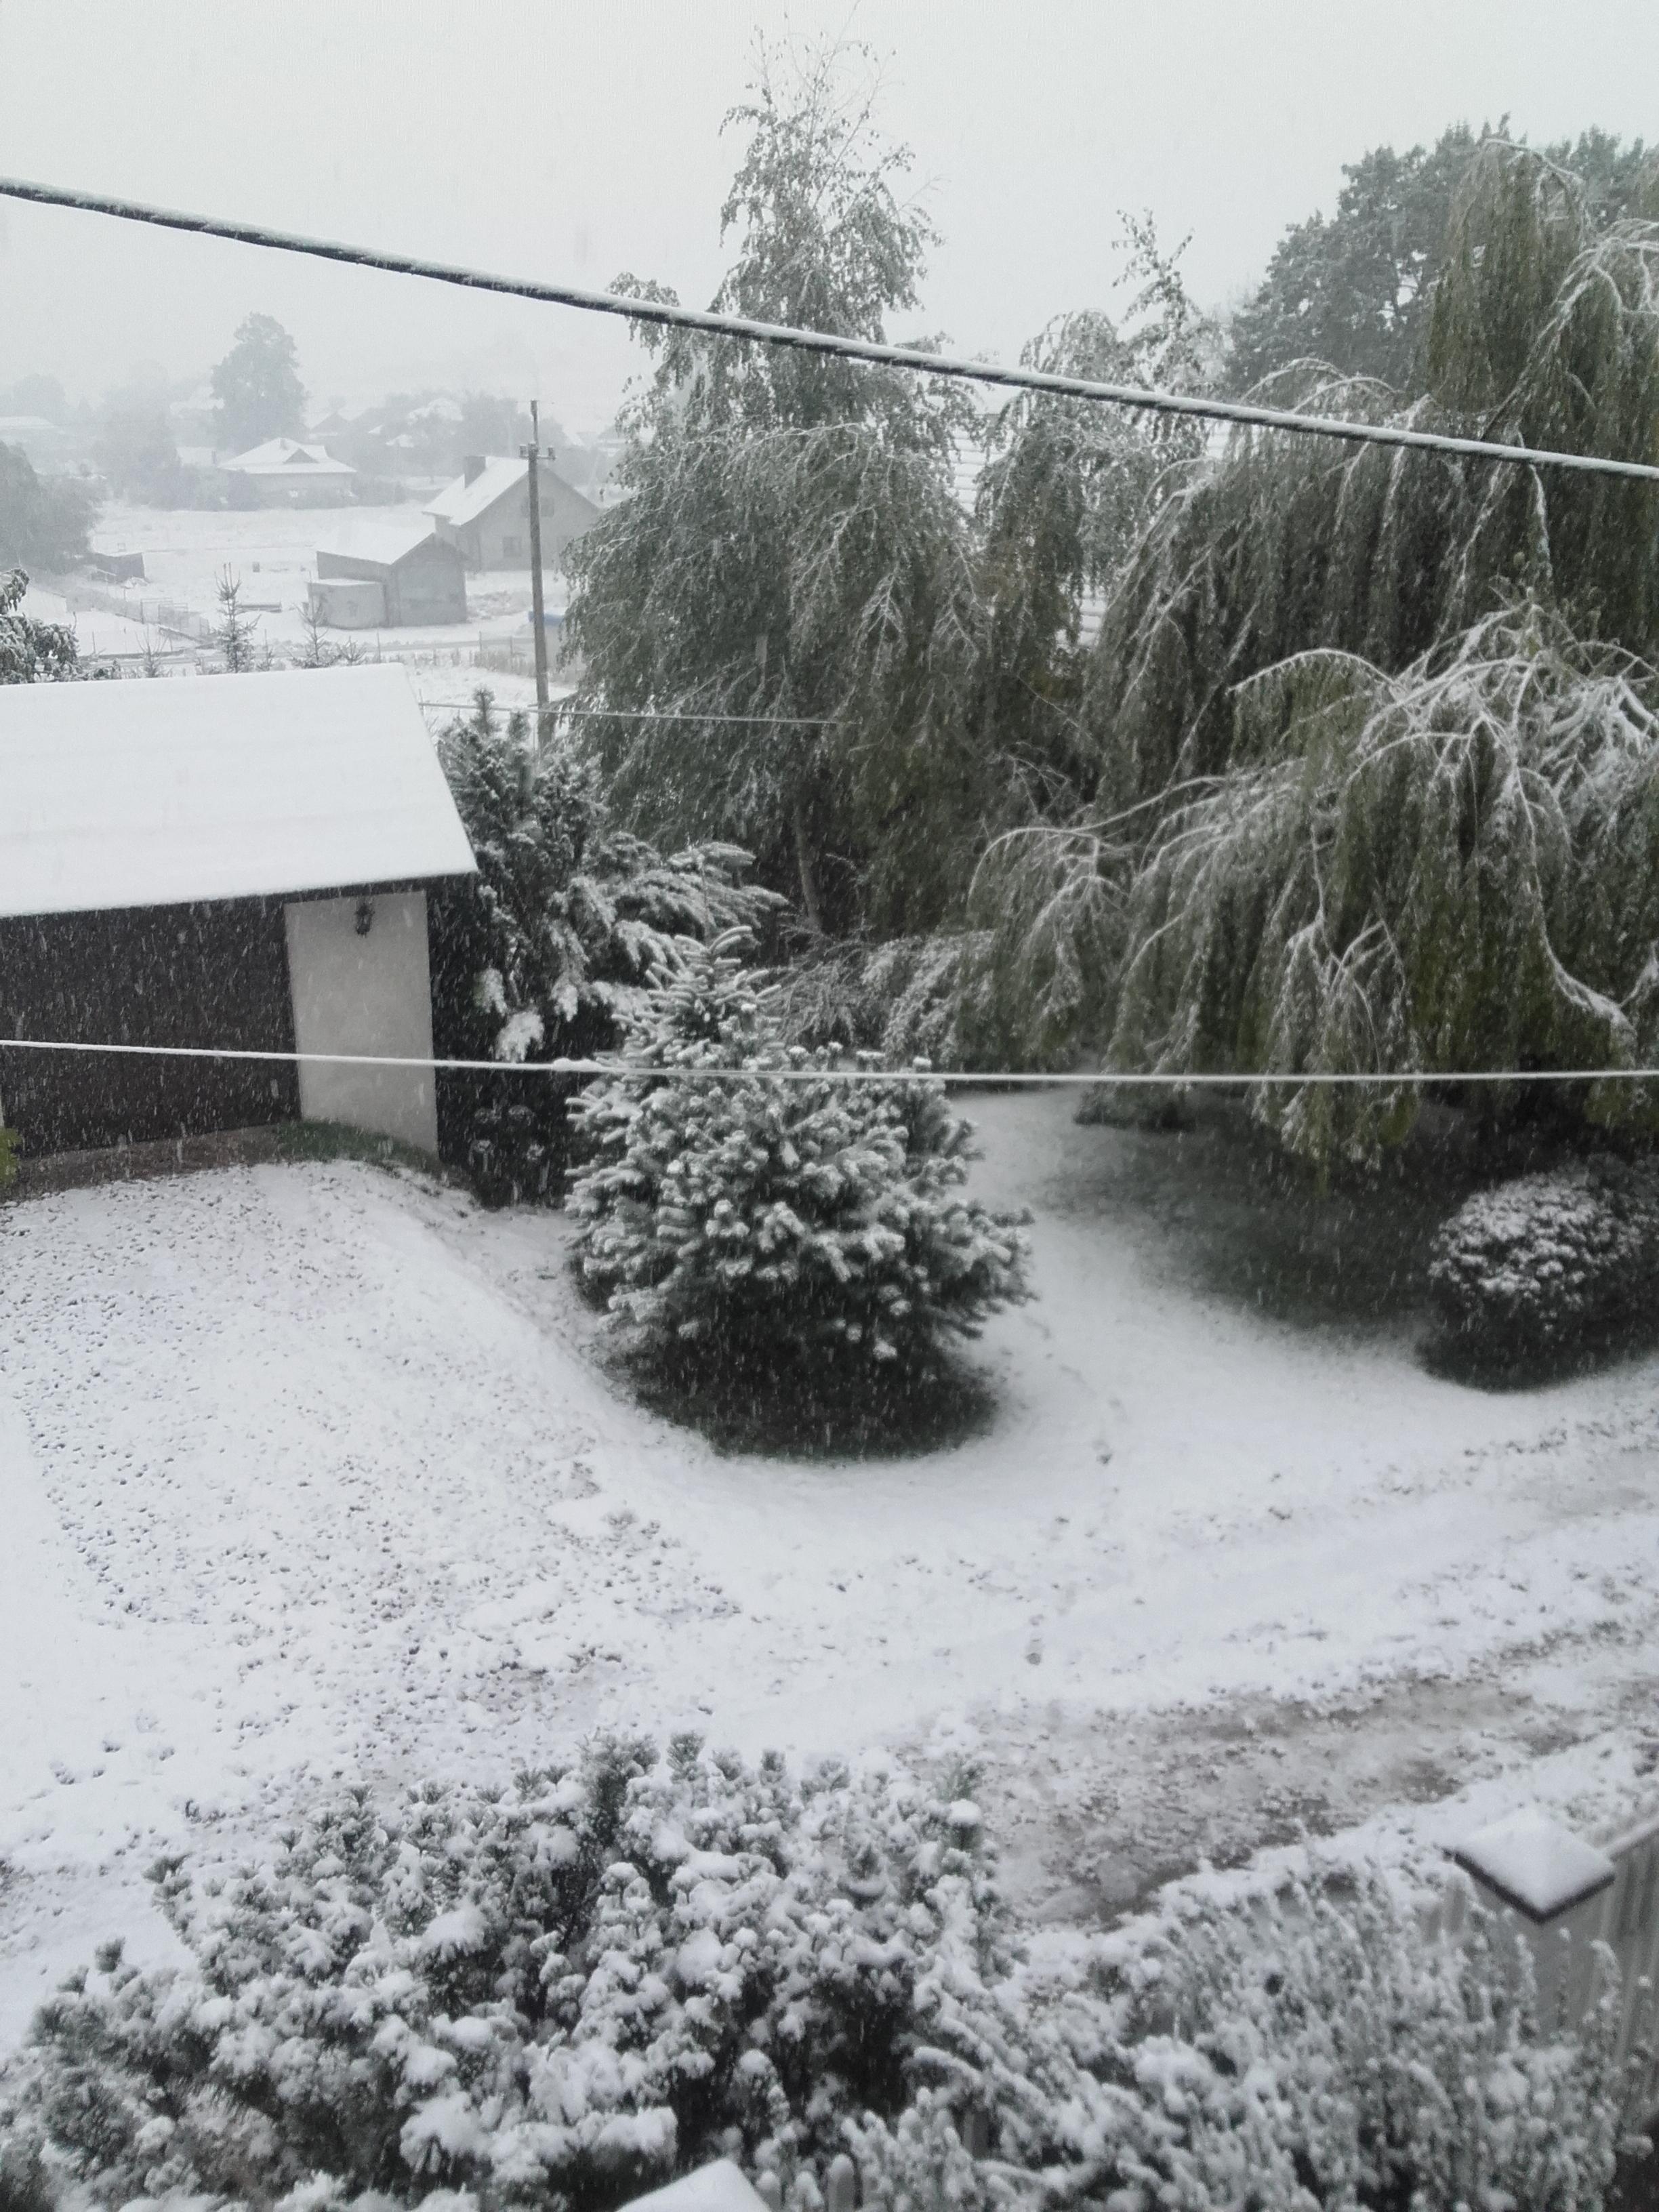 Zimowy ogród, a w nim przygnieciony cis przy ścianie garażu